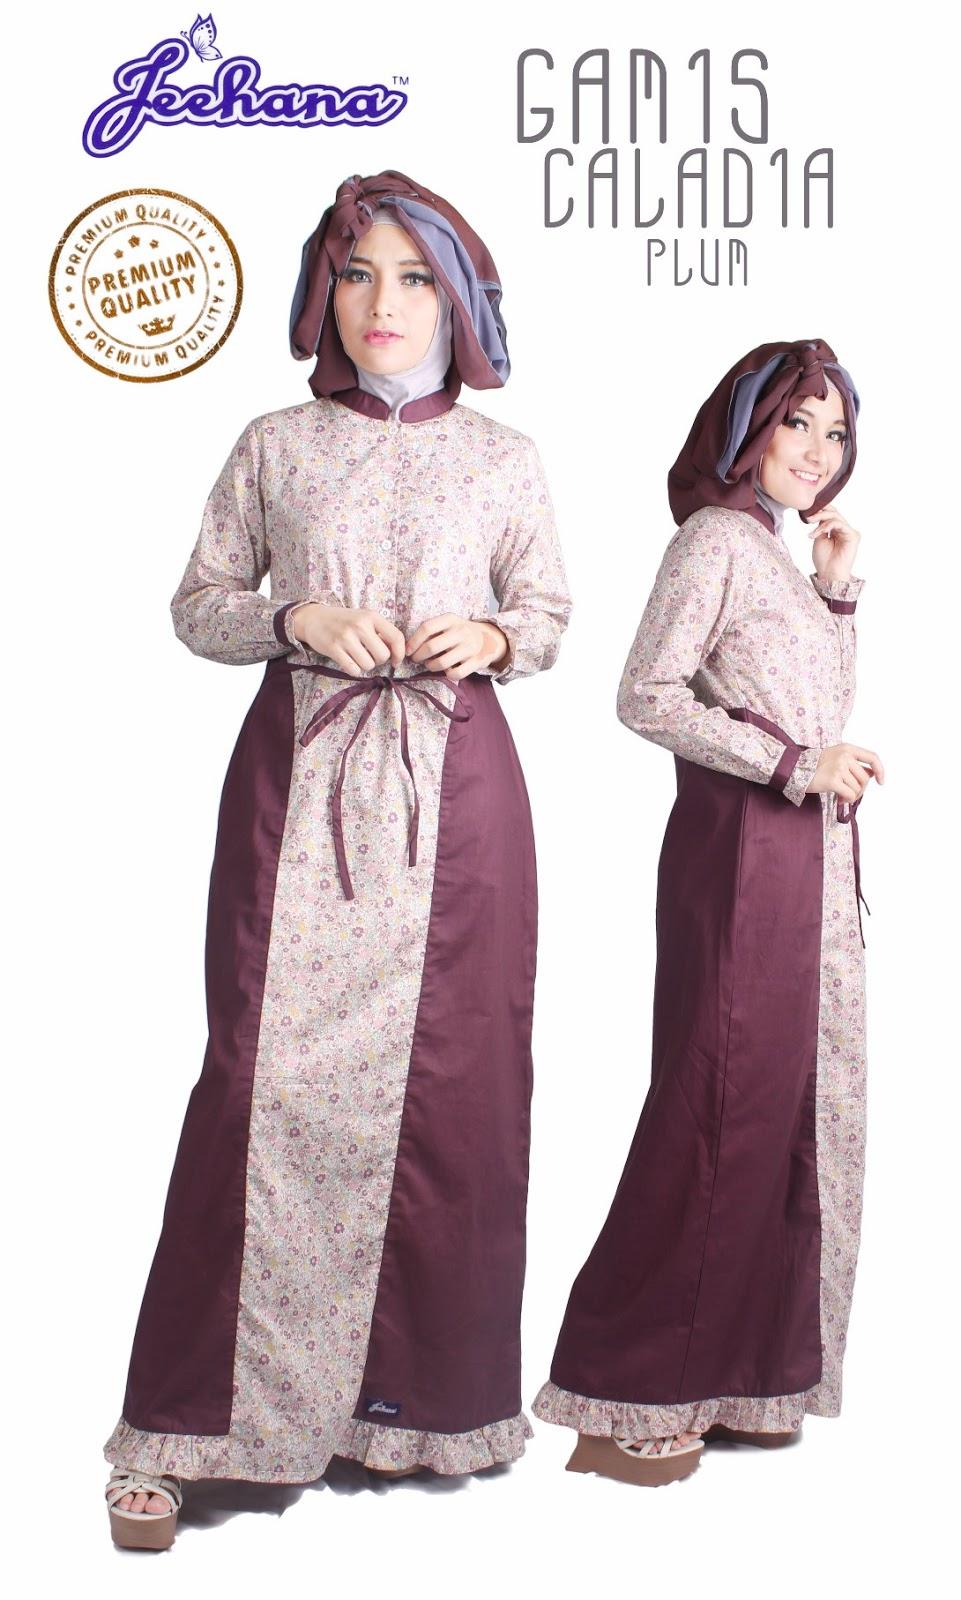 Baju Muslim Terbaru 2018 Online Baju Gamis Caladia By Jeehana